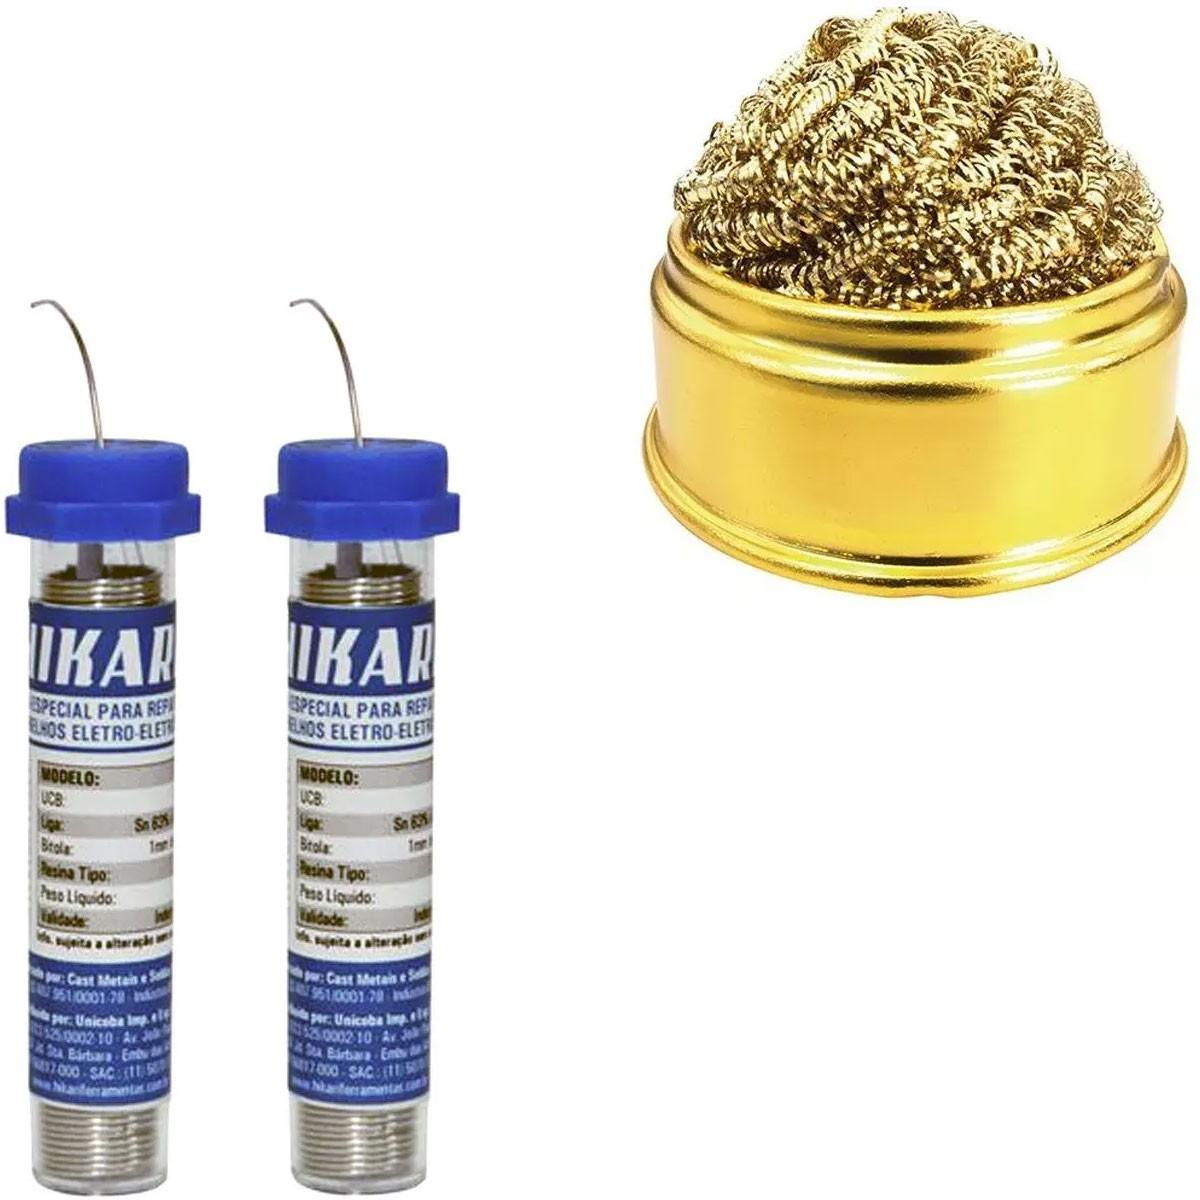 2x Estanho Tubete 1mm + Esponja Metálica Com Suporte Hikari